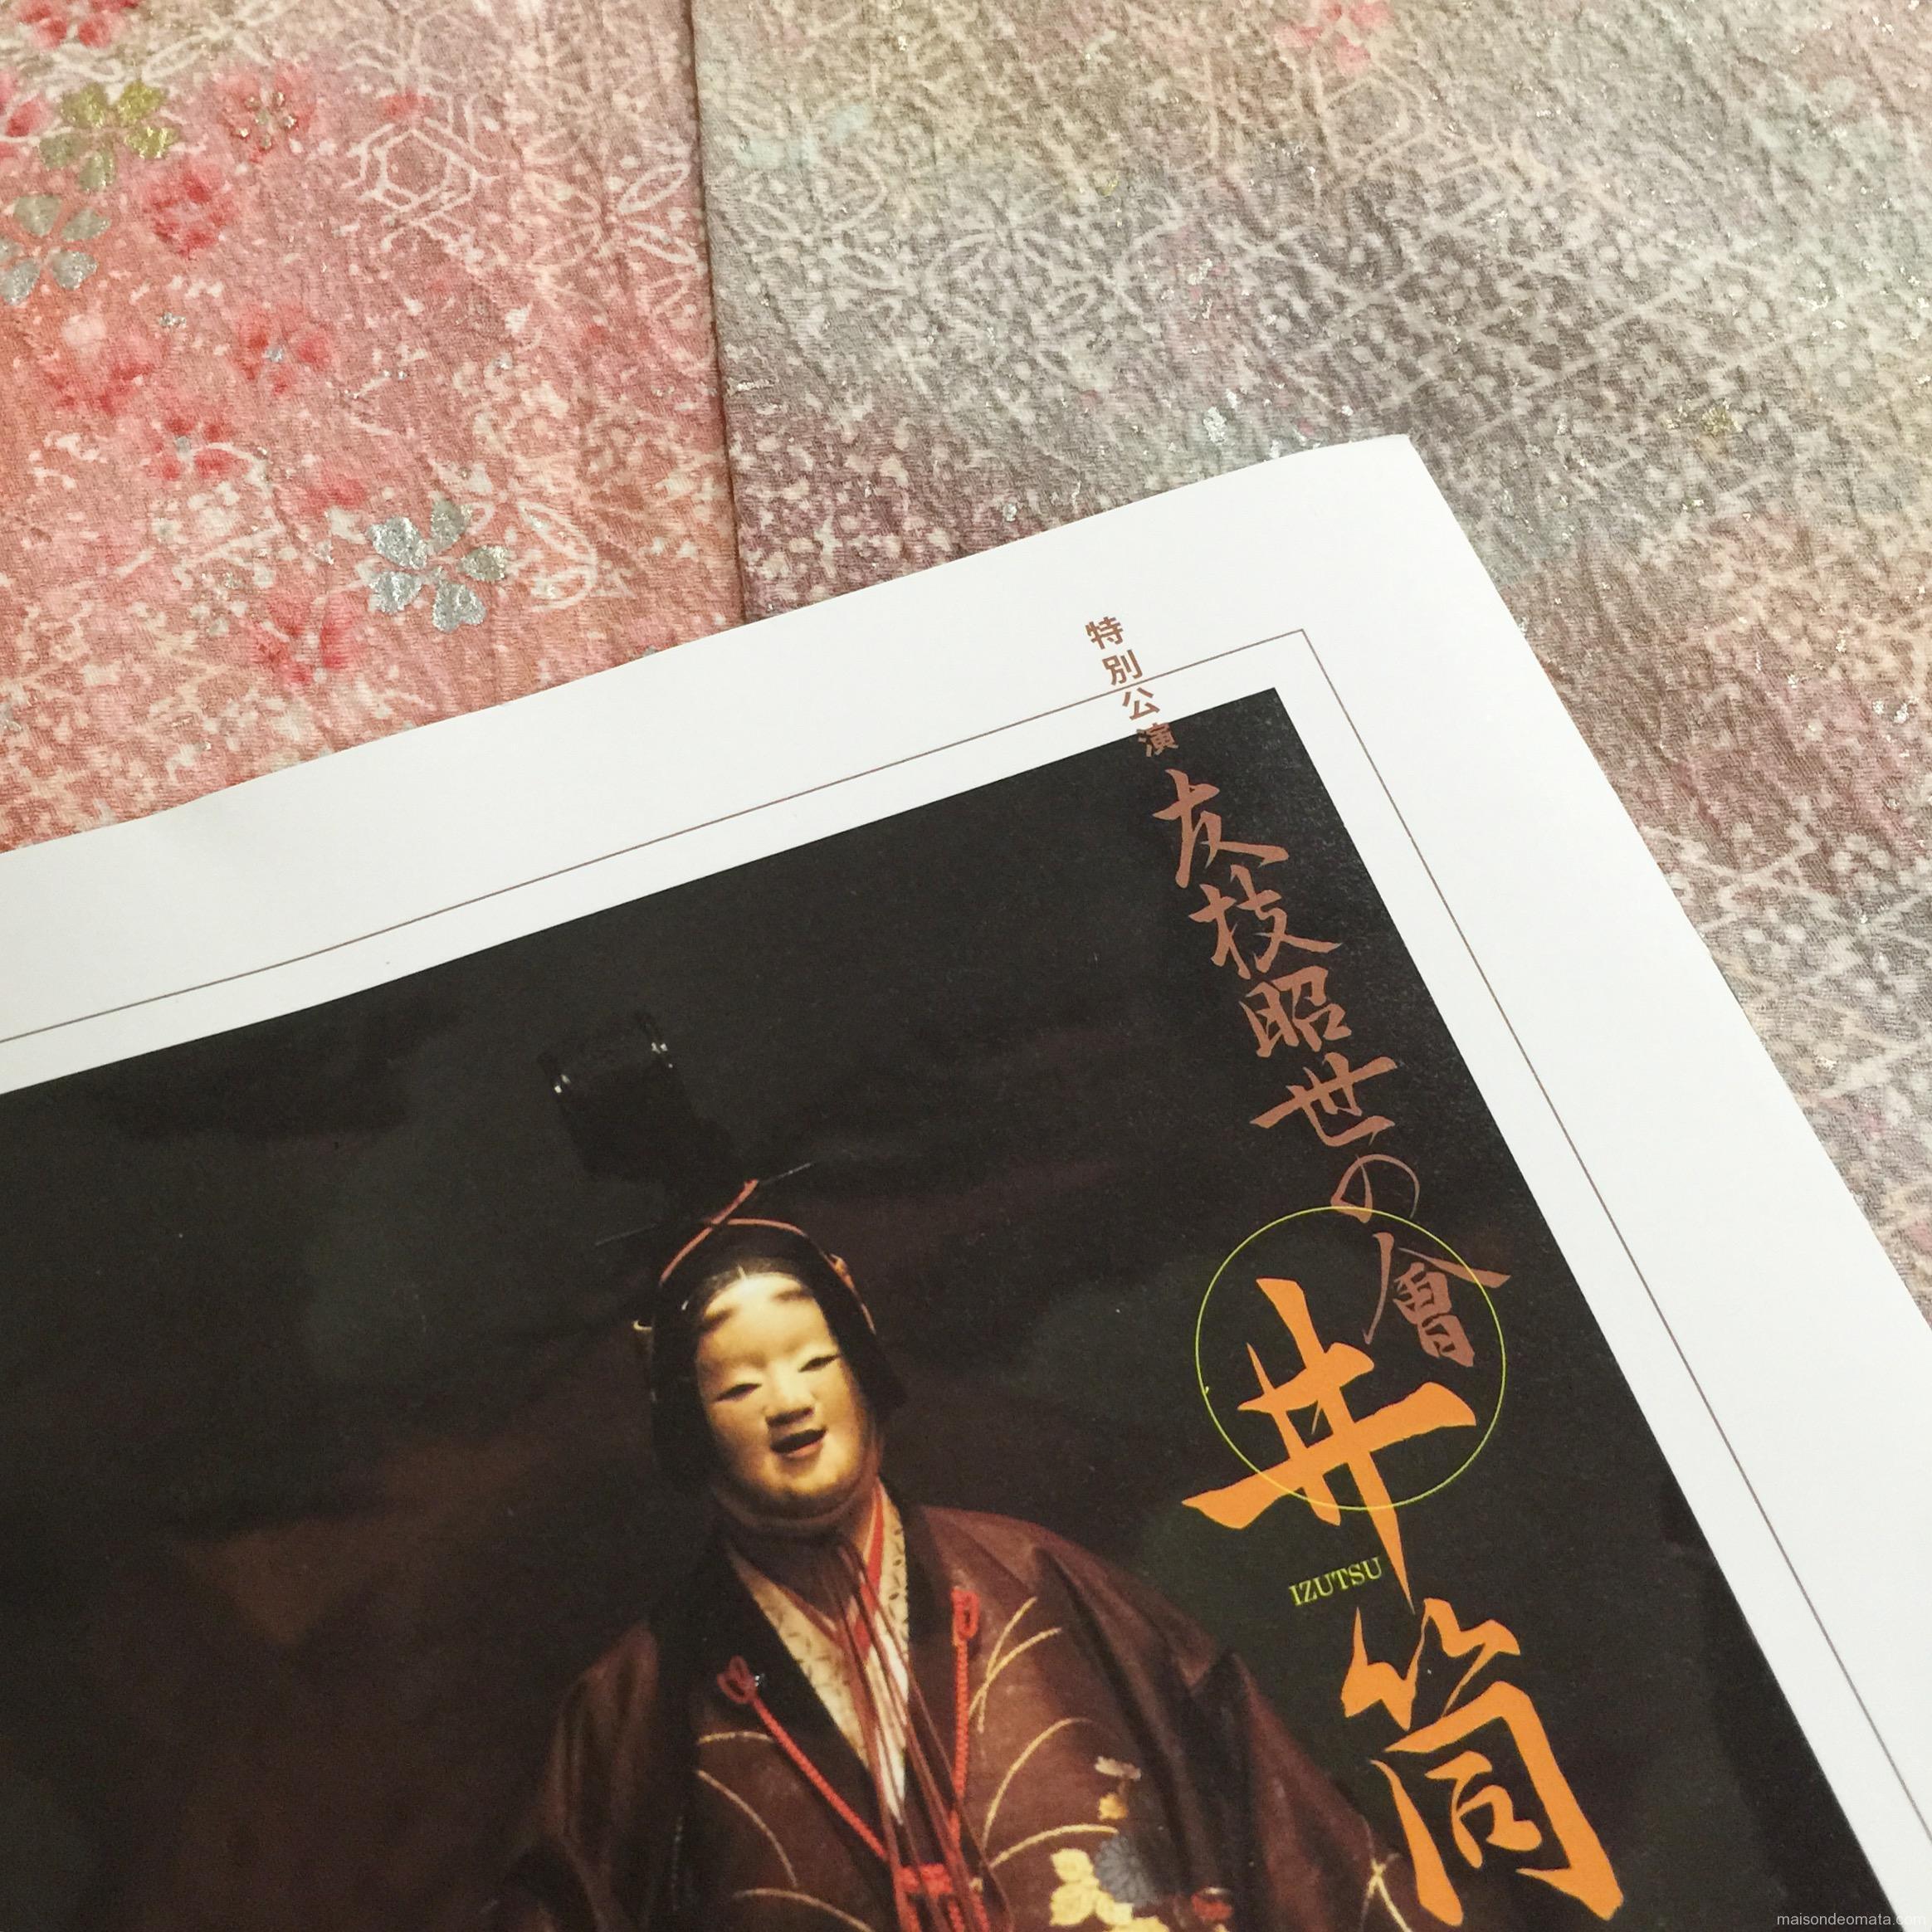 友枝昭世さんの特別公演「井筒」を観に。